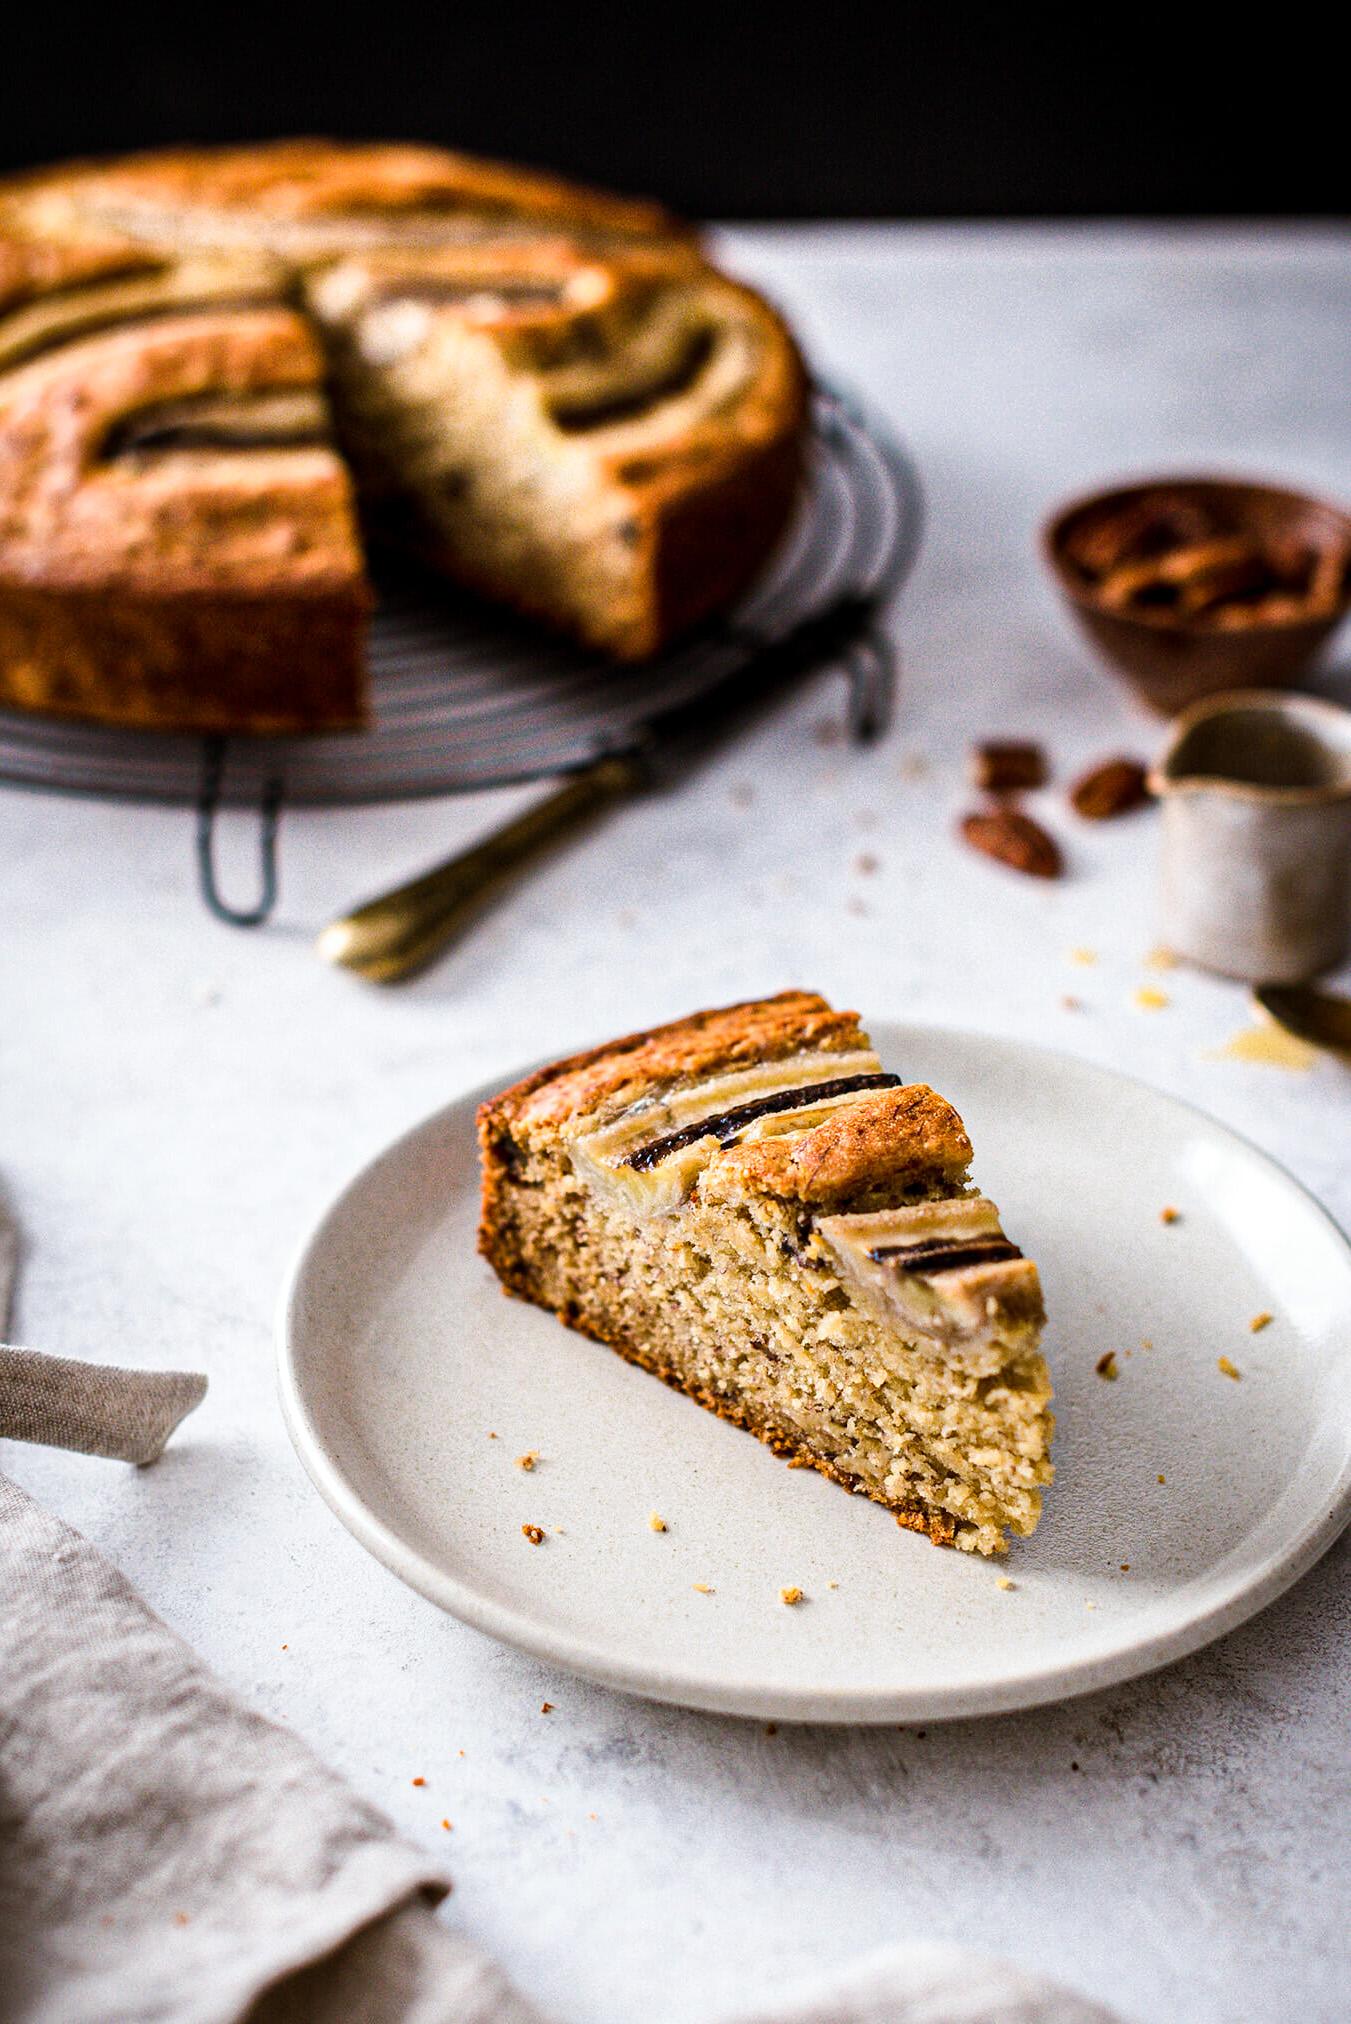 Gâteau banane moelleux recette - Lilie Bakery